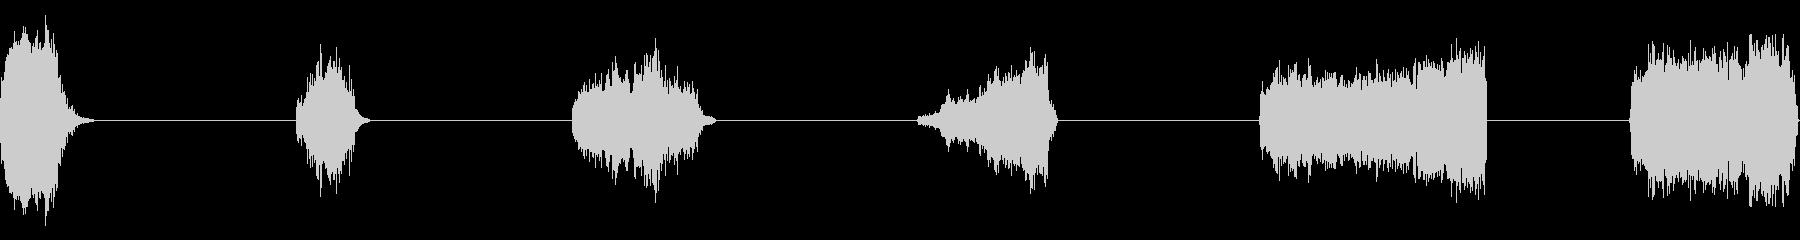 恐竜:鳴き声、ホラー、モンスター、...の未再生の波形